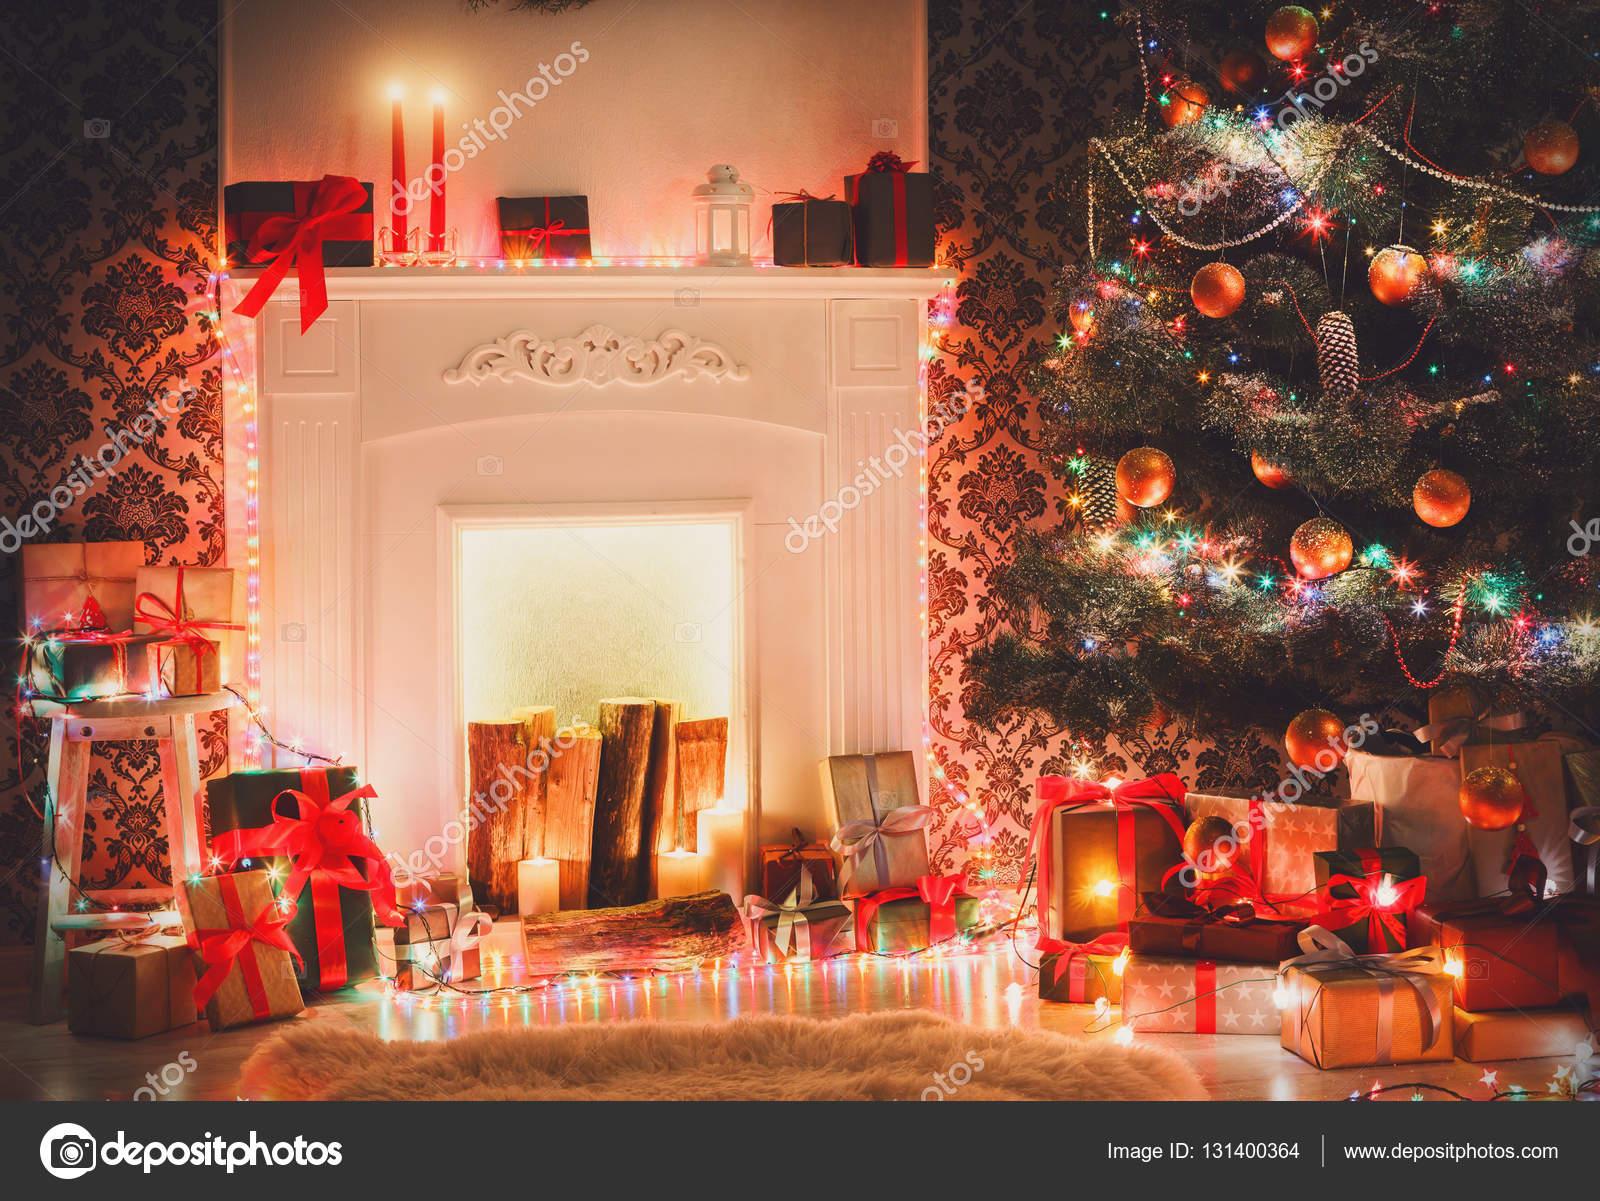 Weihnachtsschmuck Wohnzimmer, Kamin Closeup. Schönen Weihnachtslichter,  Kerzen, Beleuchtete Girlanden Geschmückten Weihnachtsbaum. Moderne  Innenarchitektur ...